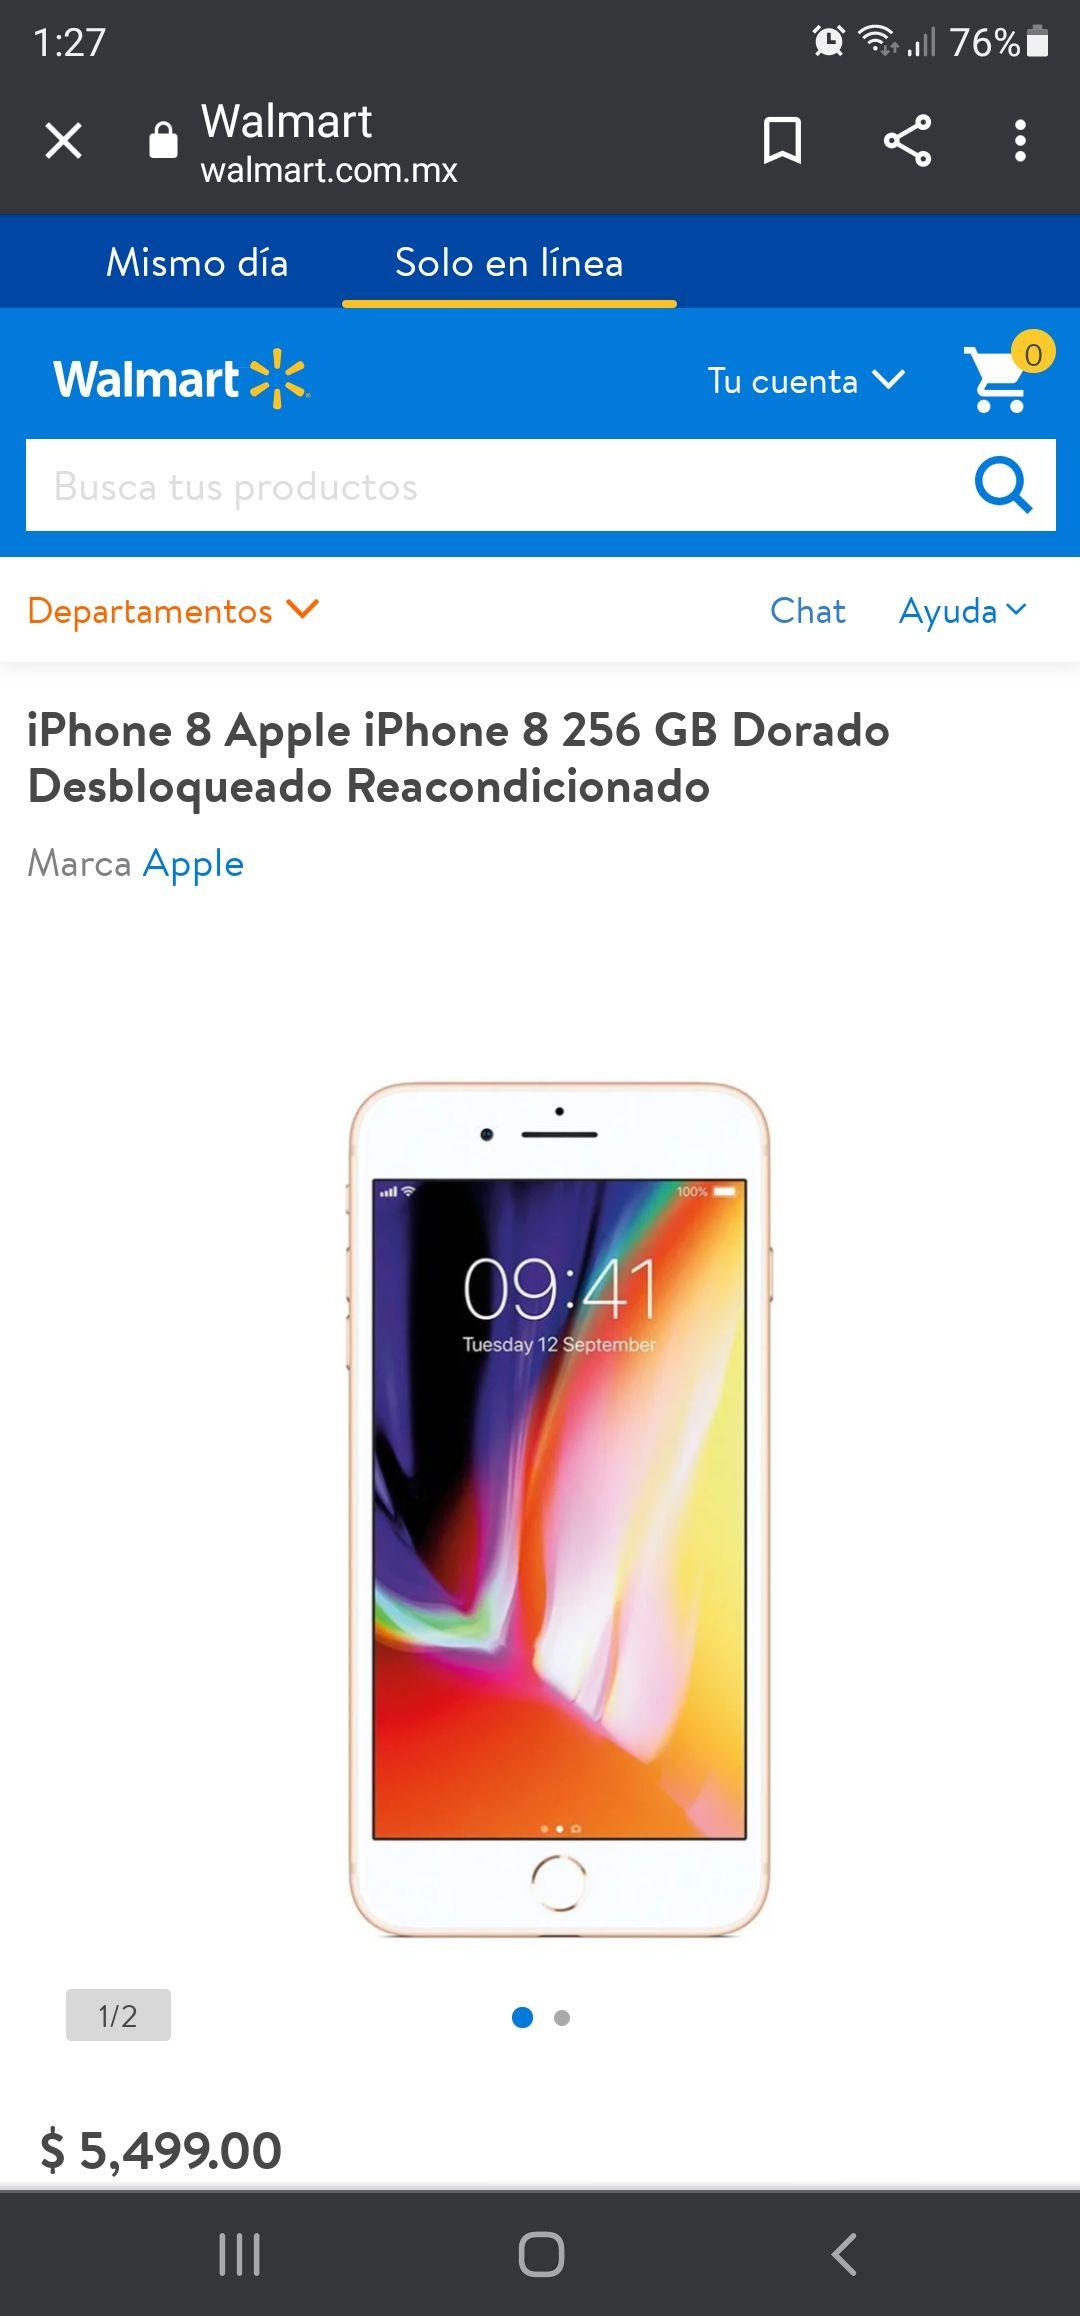 Walmart iPhone 8 Apple iPhone 8 256 GB Dorado Desbloqueado Reacondicionado